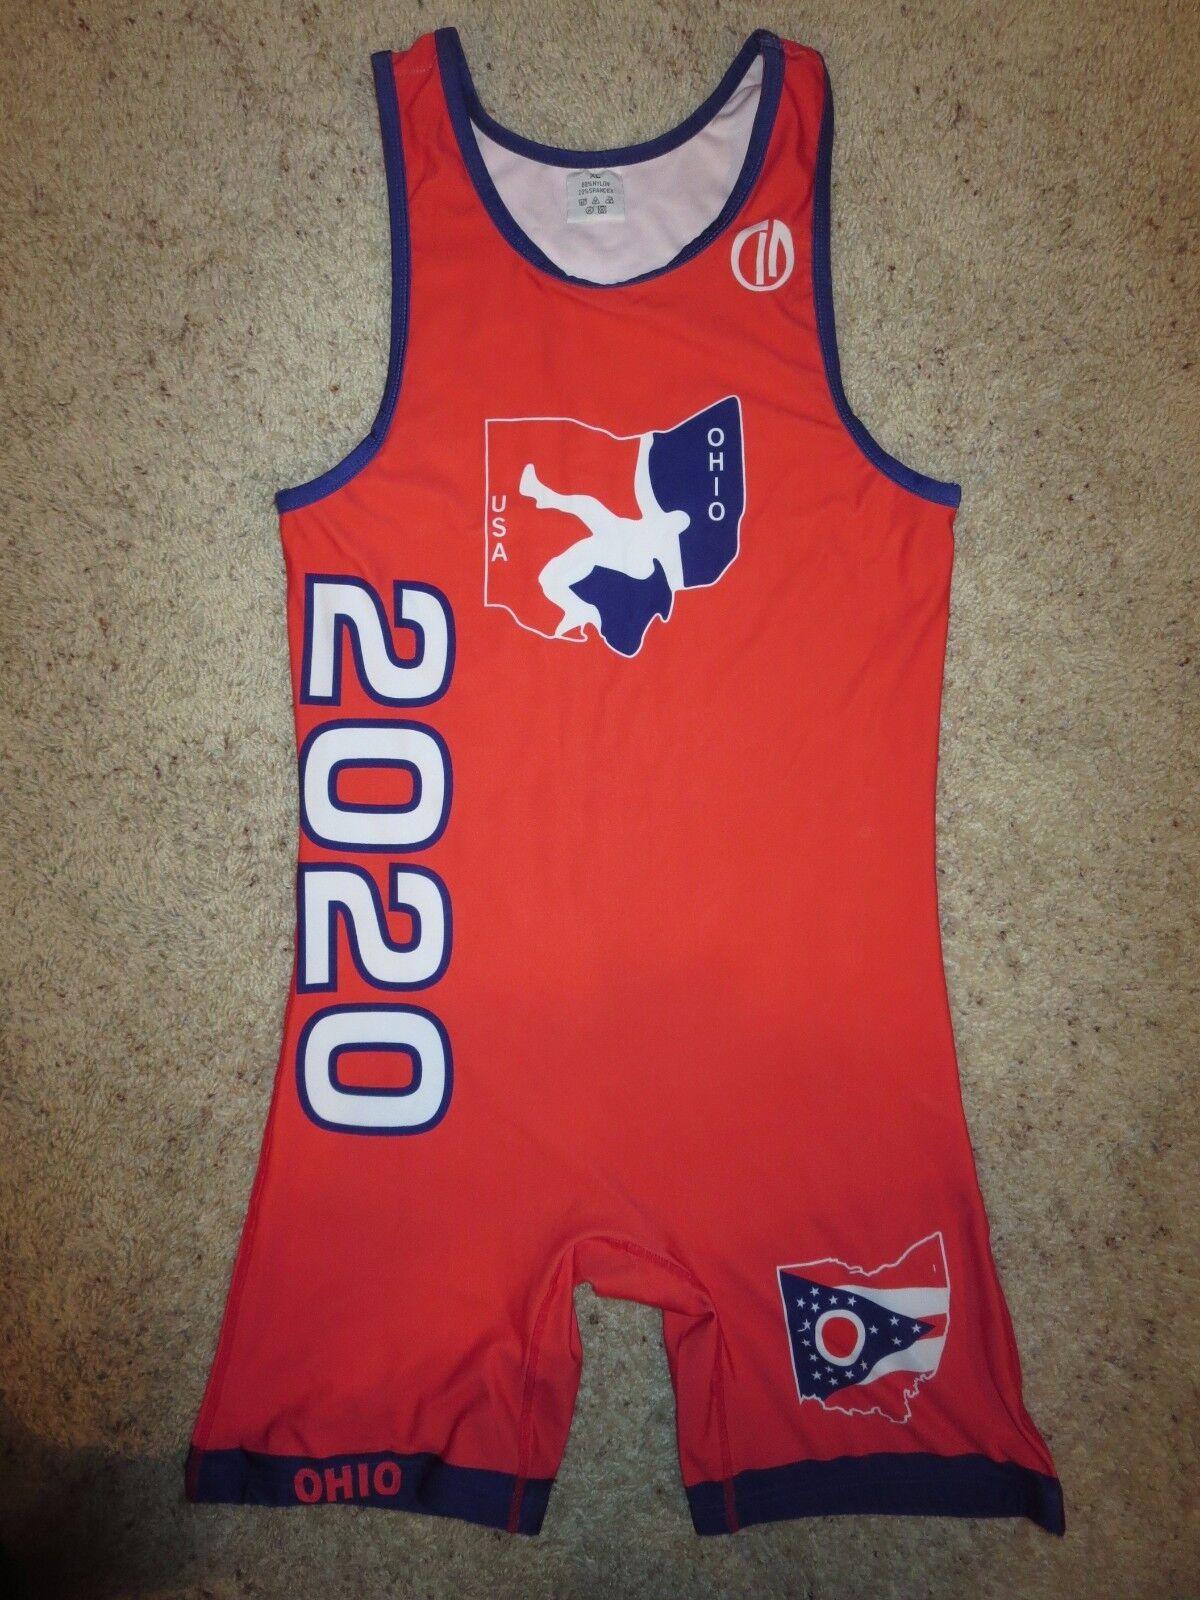 EEUU 2020 Olympics Us Lucha Libre Equipo Singlet Traje XL herren